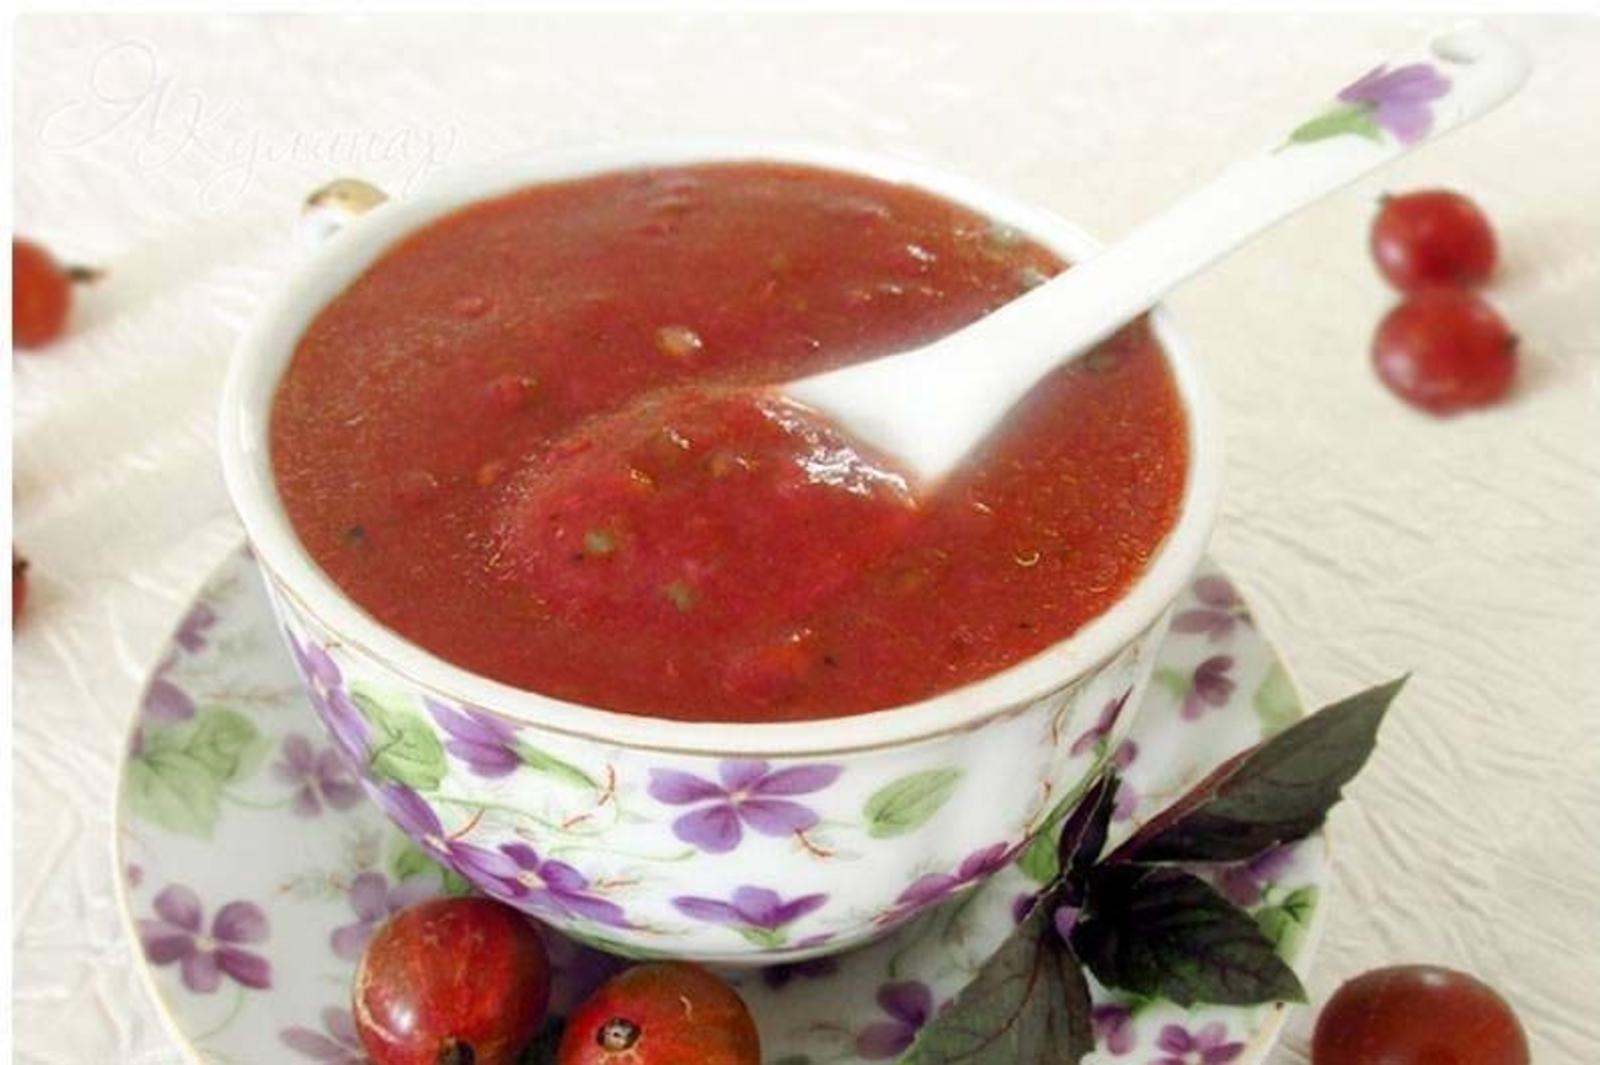 предсказуемо рецепты соусов из крыжовника с фото арабис красив